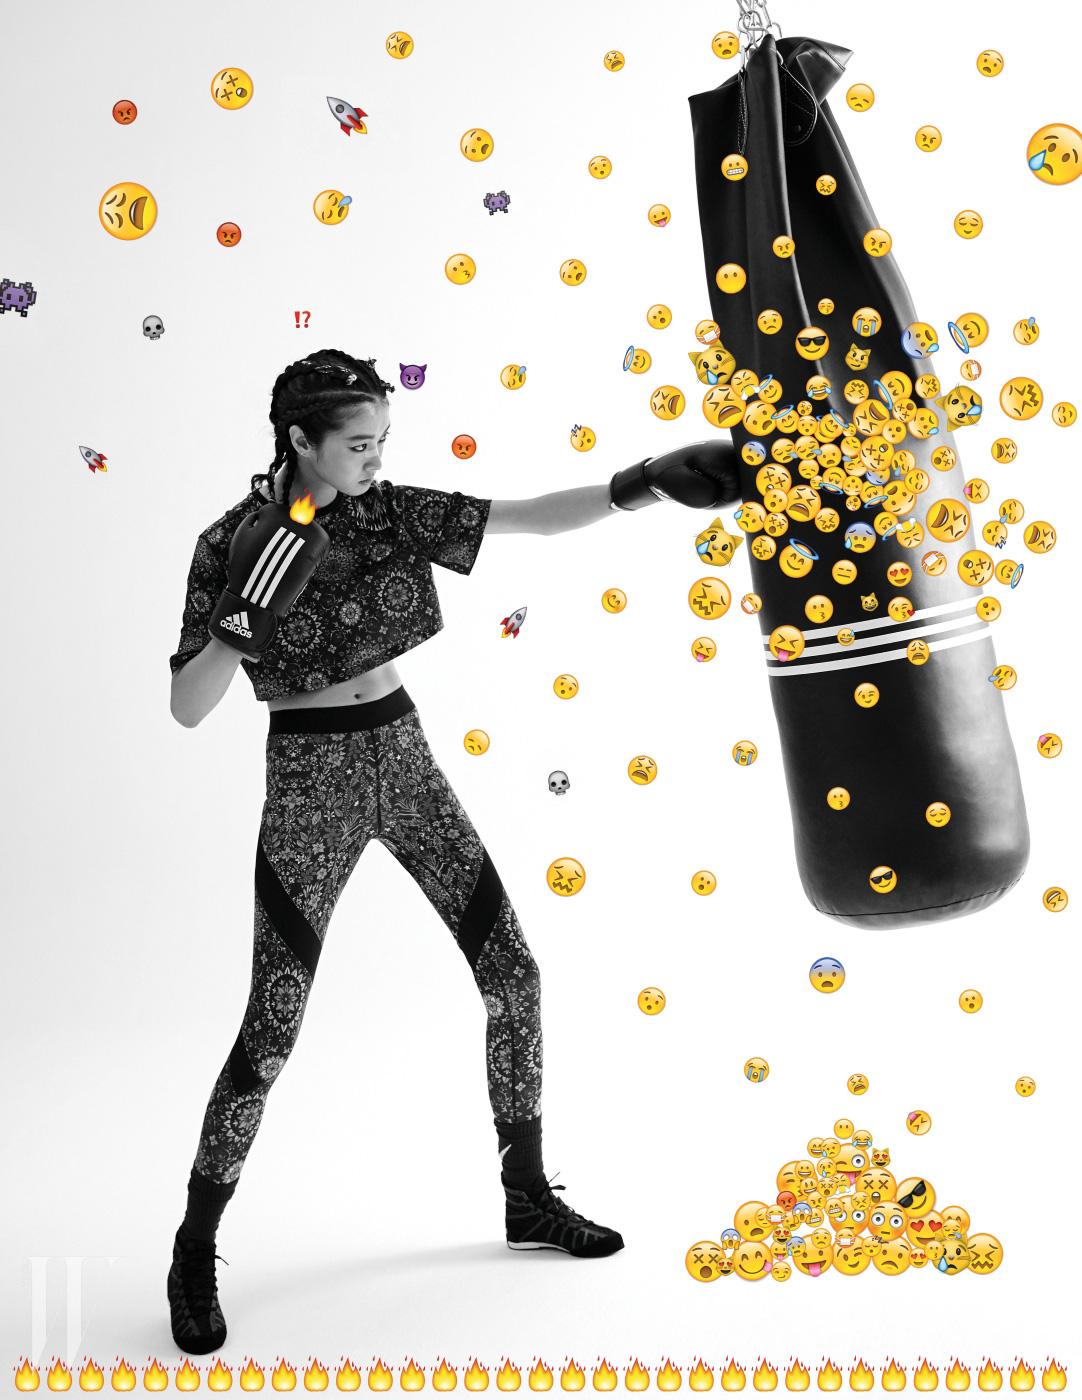 독특한 패턴의 크롭트 톱과 레깅스는 Nike Lab X Riccardo Tisci, 전문 복싱용 샌드백과 글러브, 슈즈는 Adidas Performance 제품.